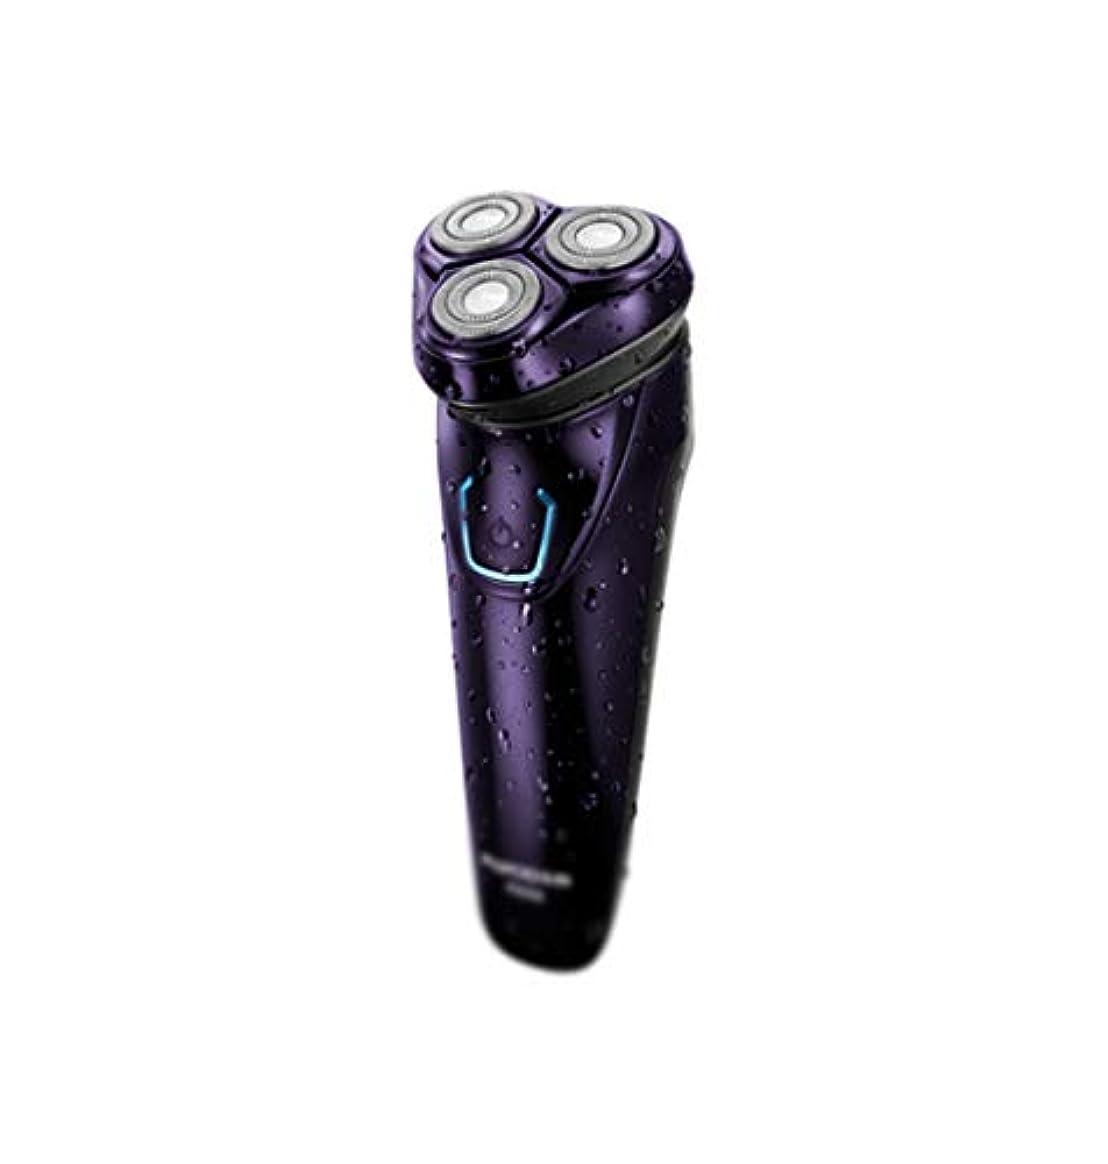 甘やかす執着レンドNKDK - シェーバー シェーバー - 家庭用かみそりボディウォッシュ電気シェーバー人格かみそり充電式ひげナイフ絶妙と耐久性 - シェーバー